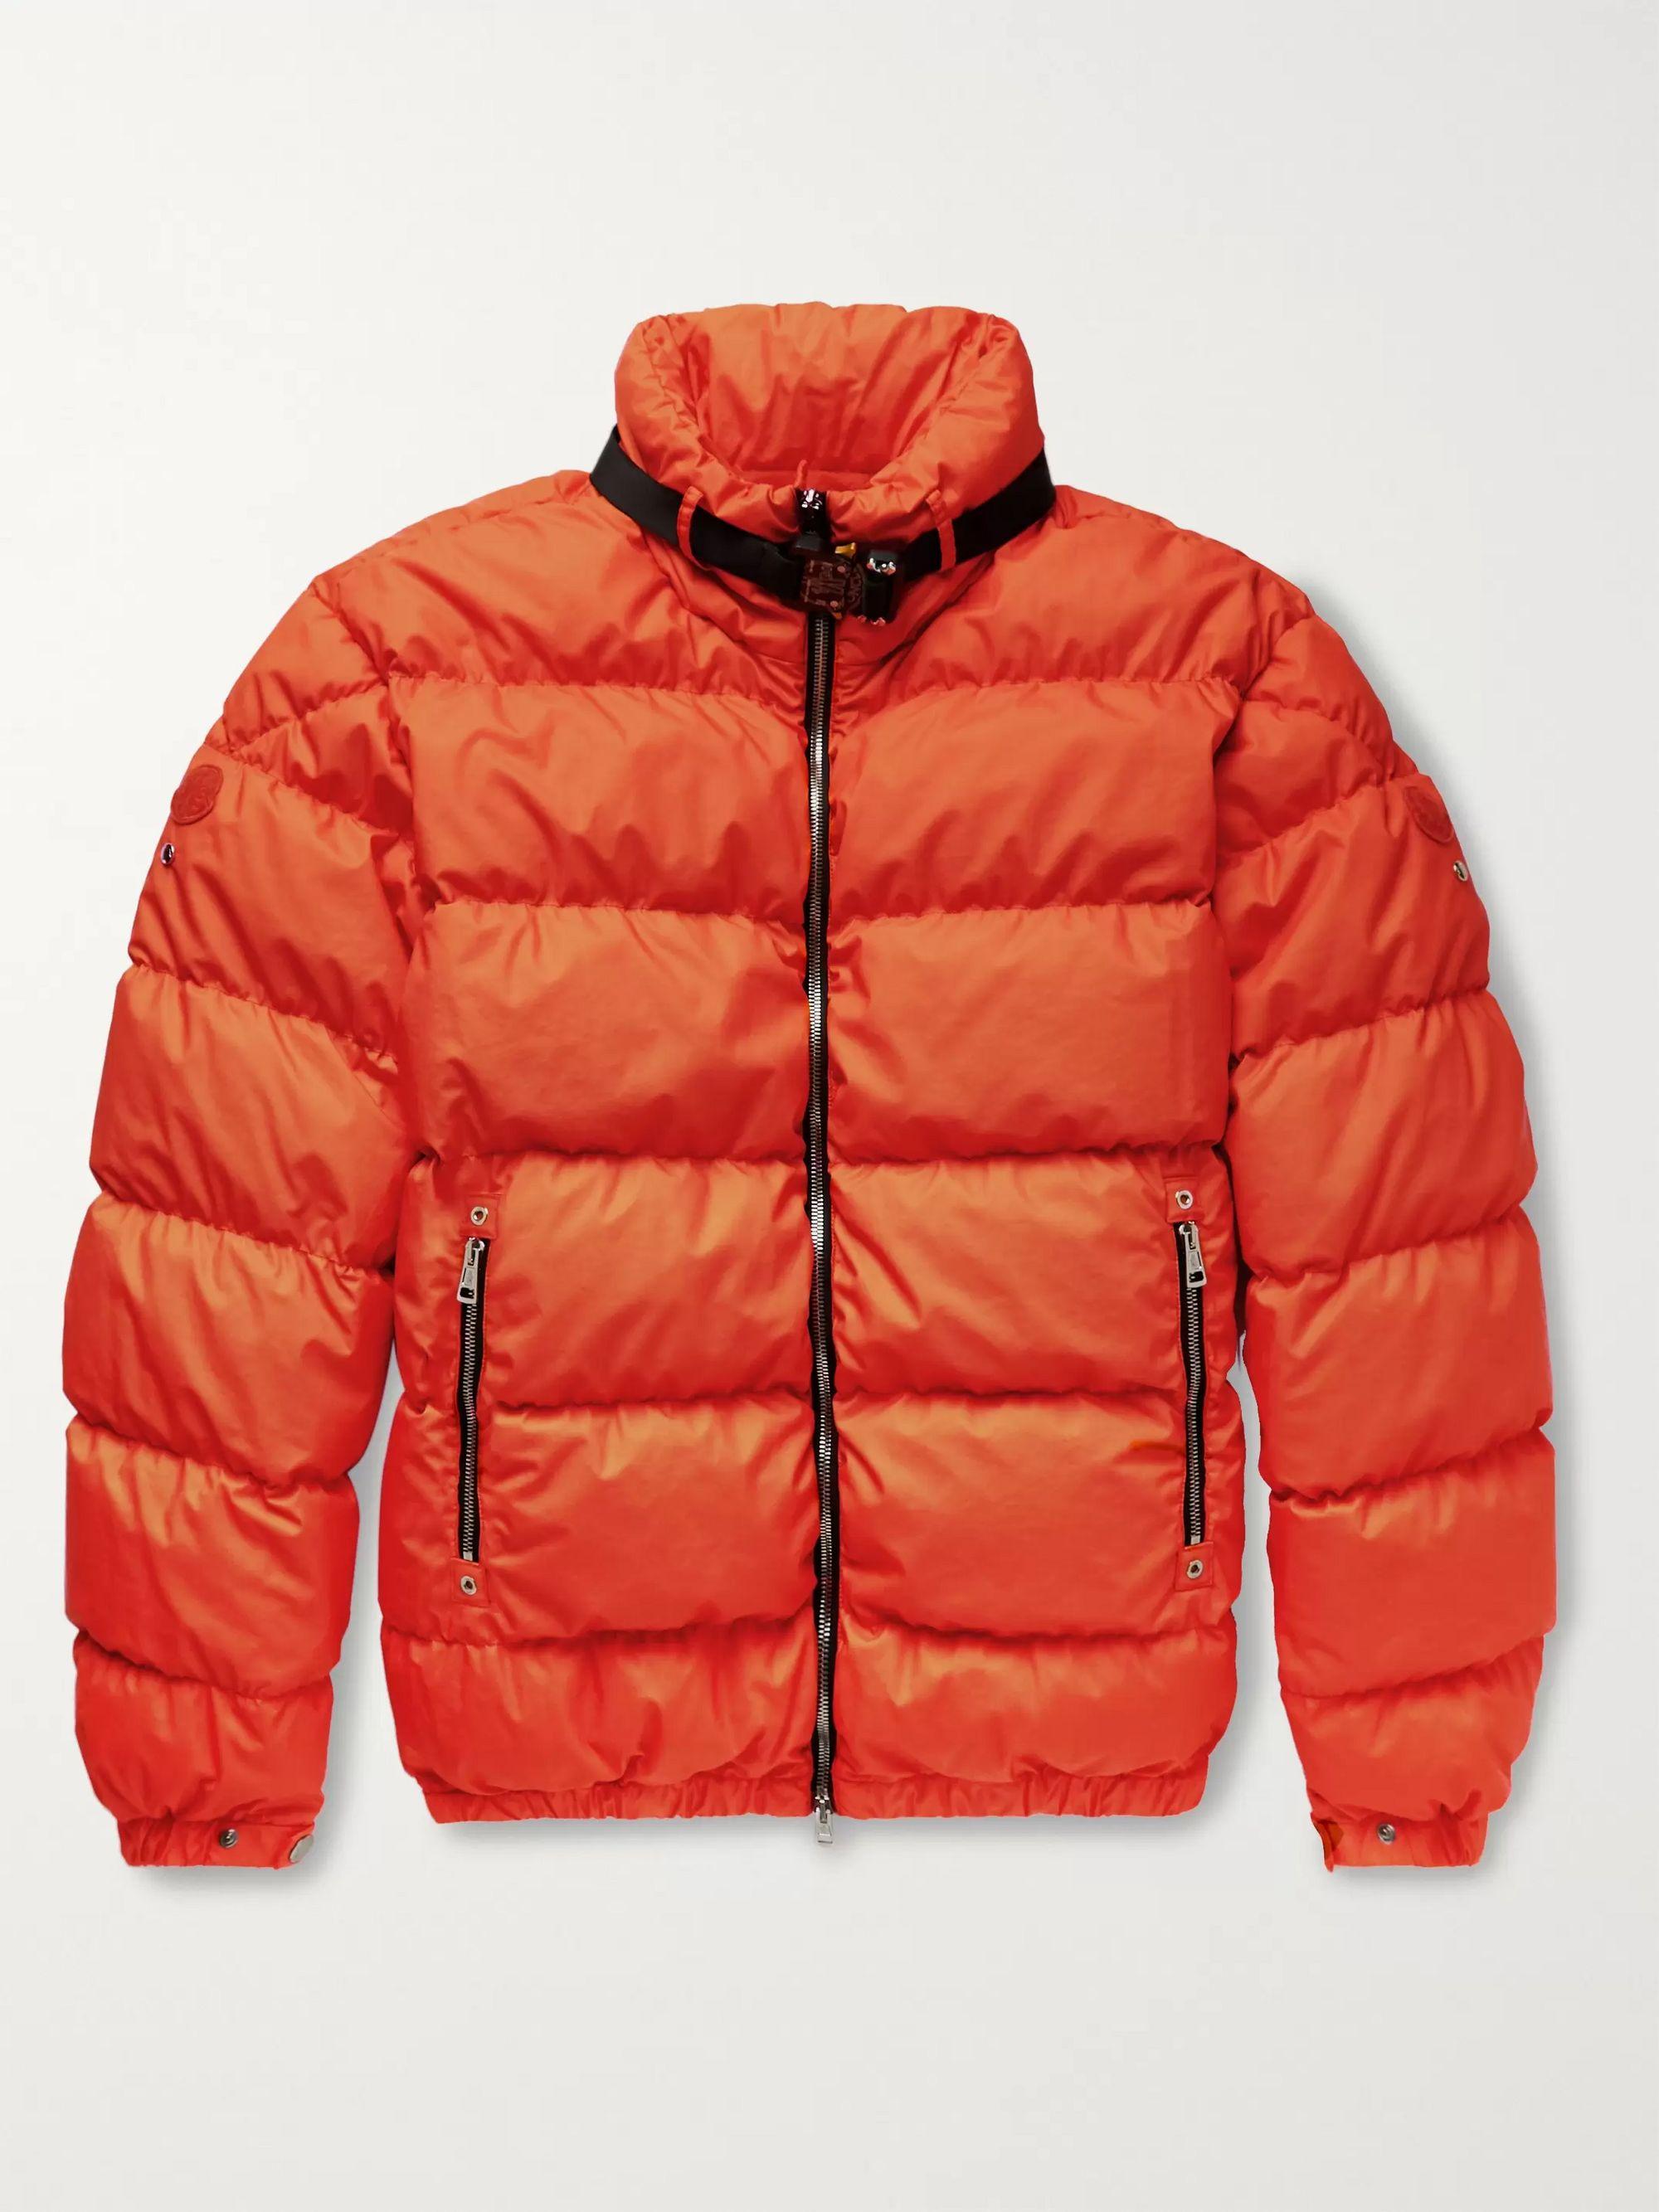 몽클레어 Moncler Genius Bright orange 6 몽클레어 Moncler 1017 ALYX 9SM Quilted Coated-Cotton Down Jacket,Bright orange